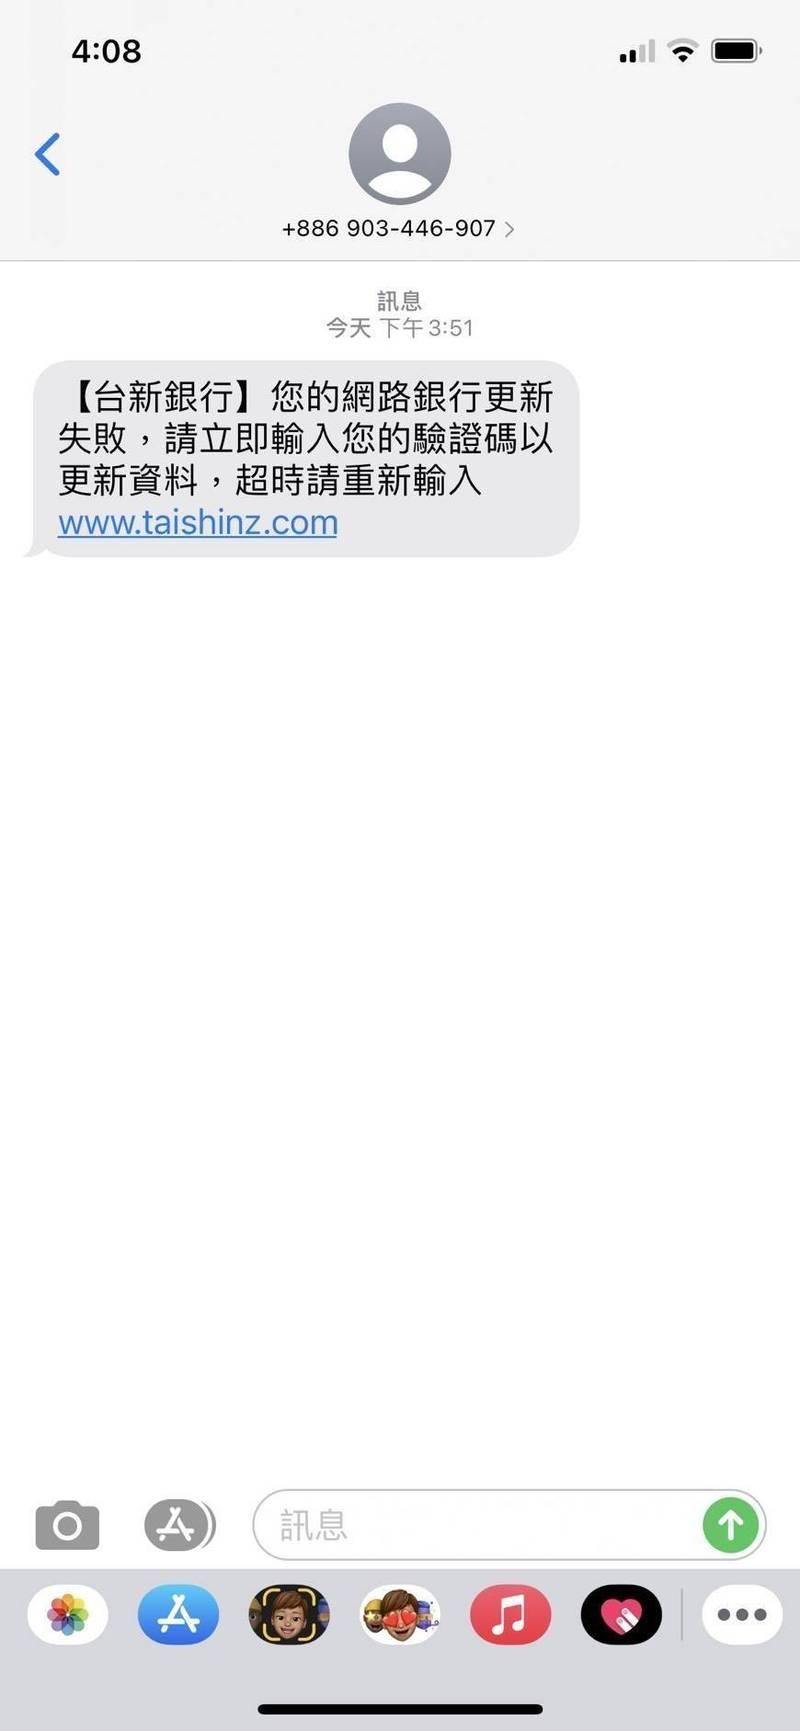 詐騙集團大量發送的釣魚簡訊。(記者邱俊福翻攝)